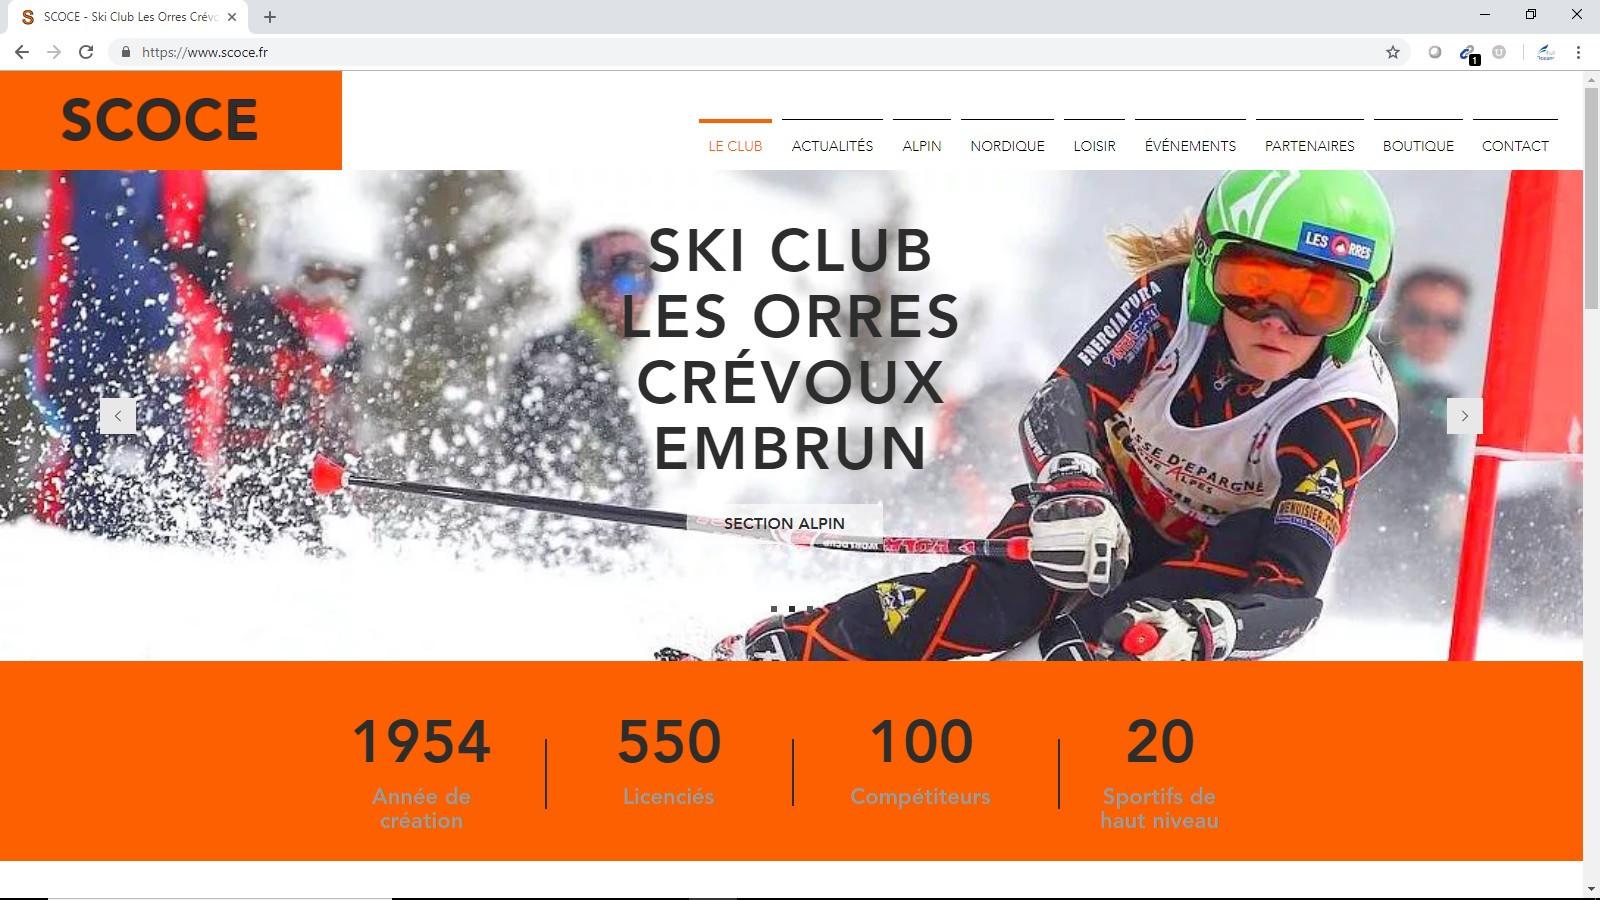 Ski Club Les Orres Crévoux Embrun